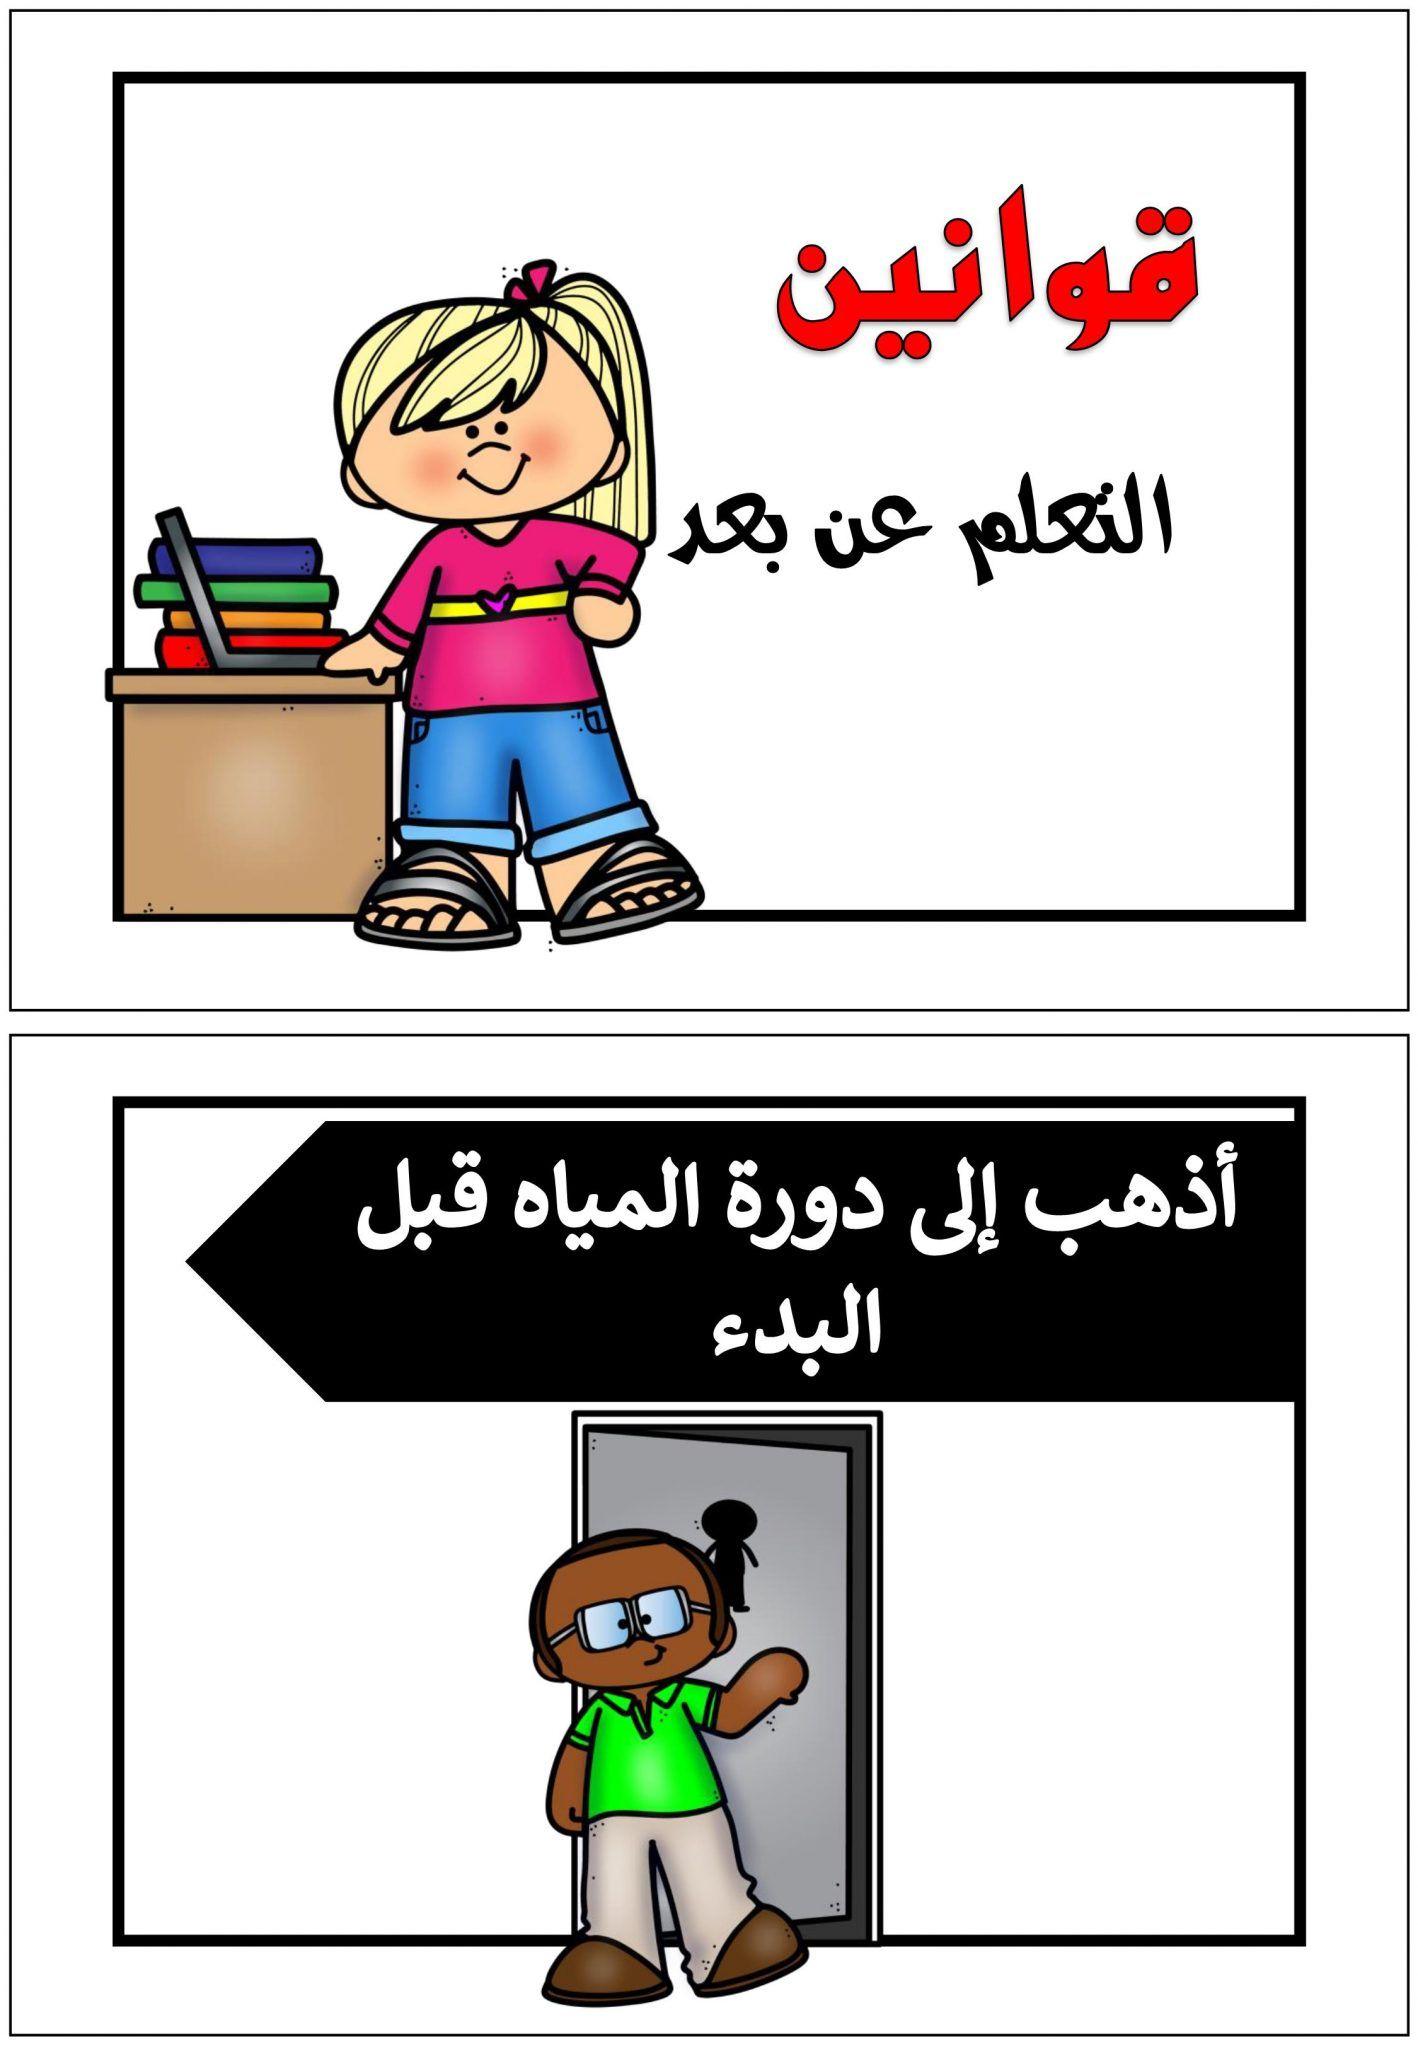 بطاقات وقوالب لقوانين التعلم عن بعد للتهيئة الطفل للدرس Arabic Alphabet Letters Lettering Alphabet Arabic Alphabet